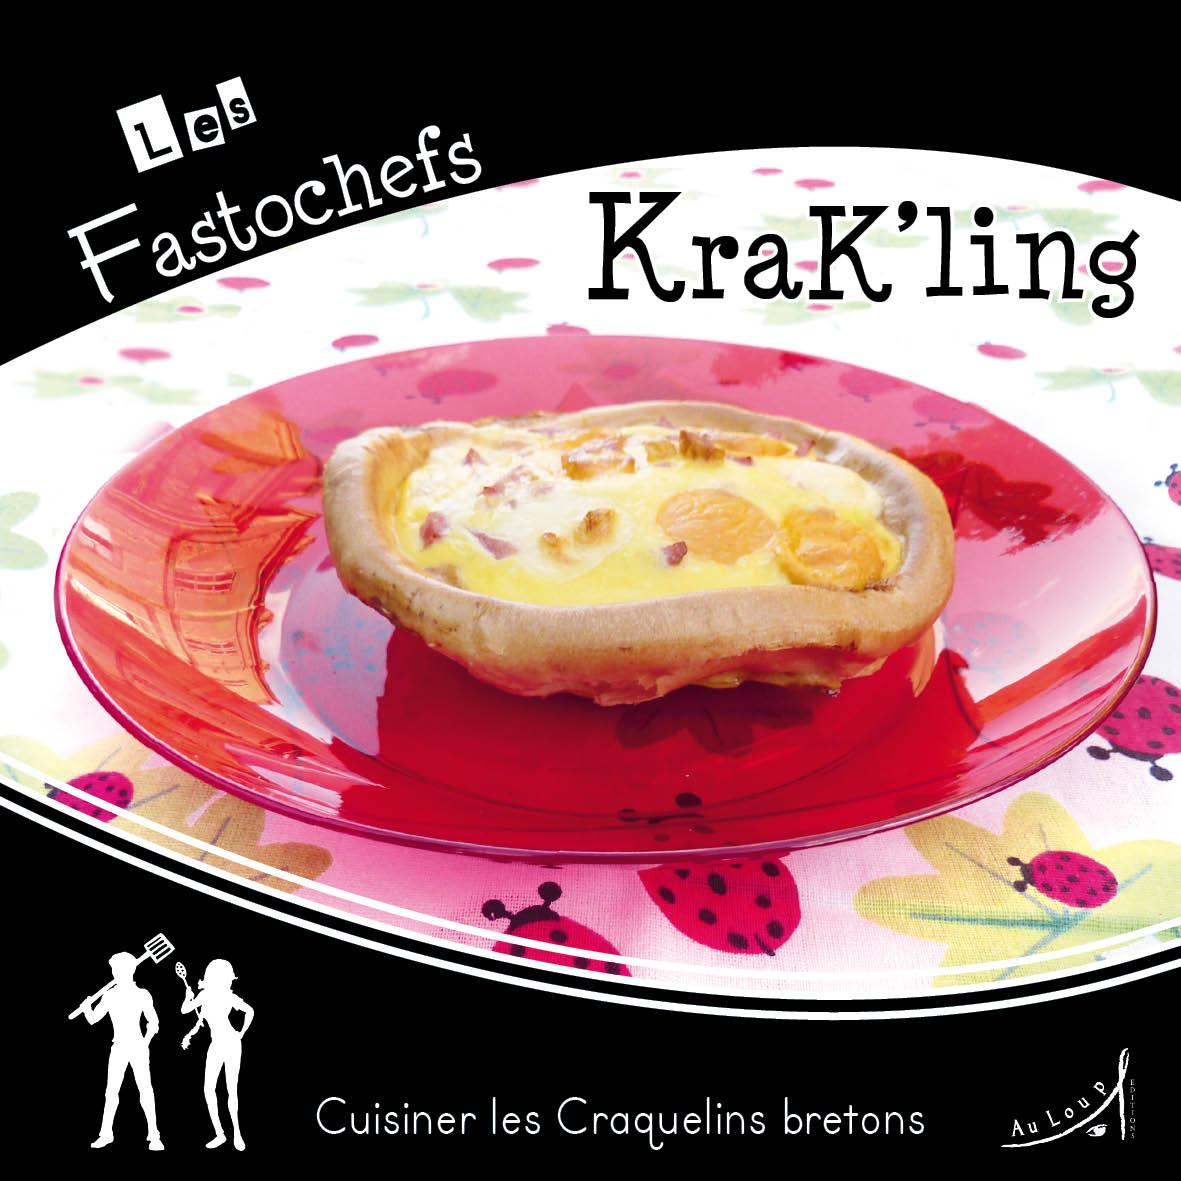 krakling_couv